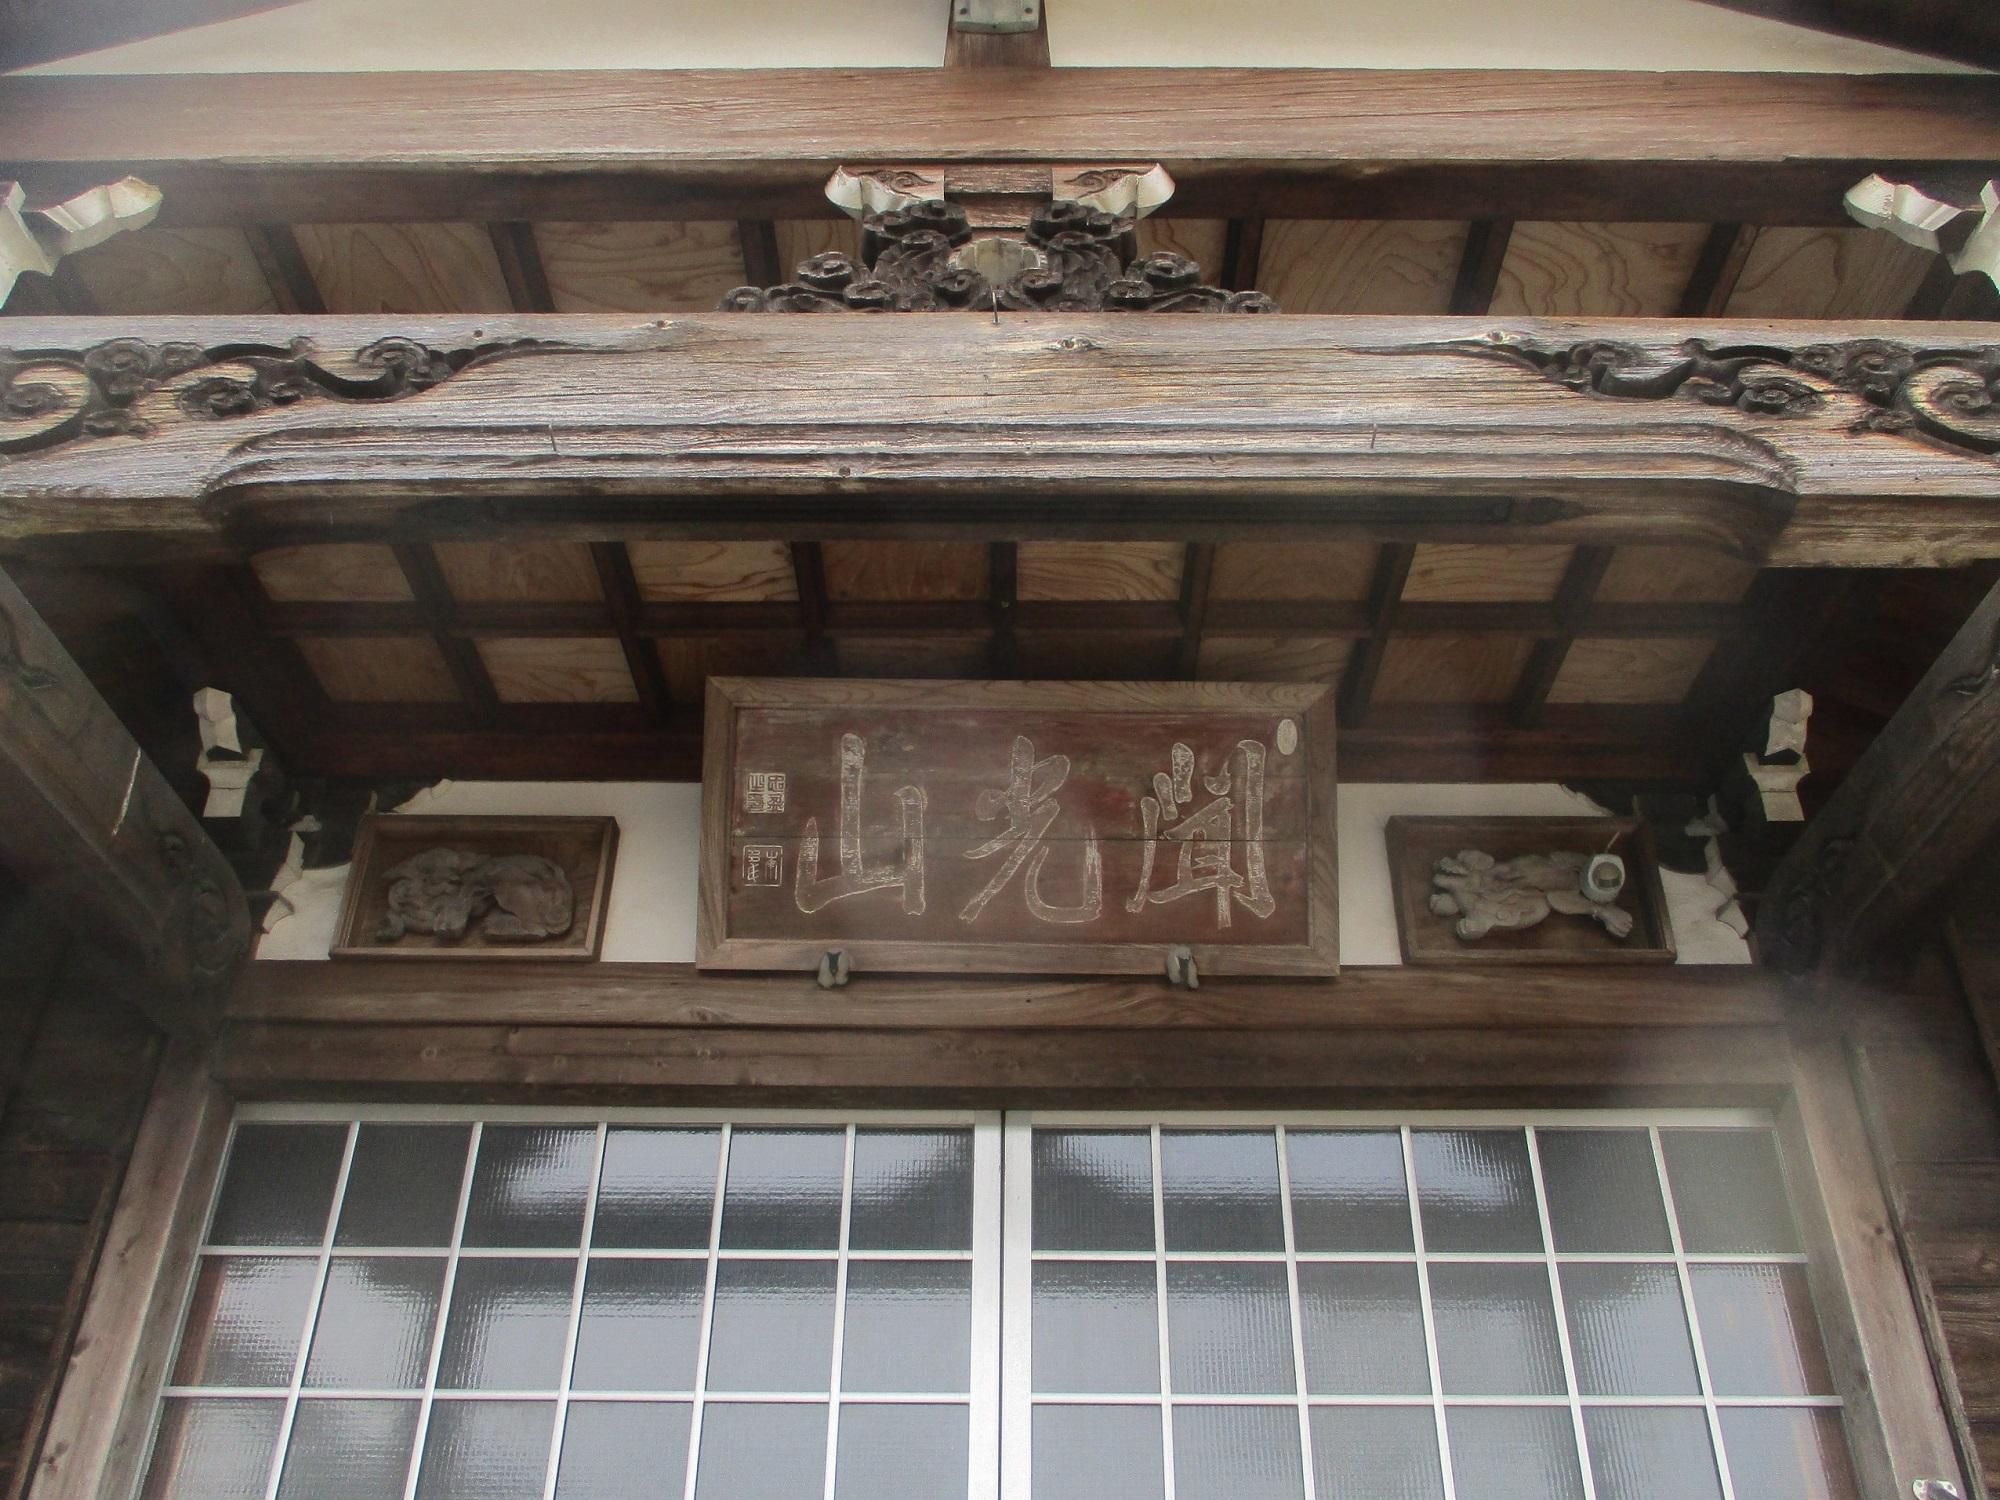 2020.2.3 (4) 城泉寺 - 本堂(いりぐち) 2000-1500